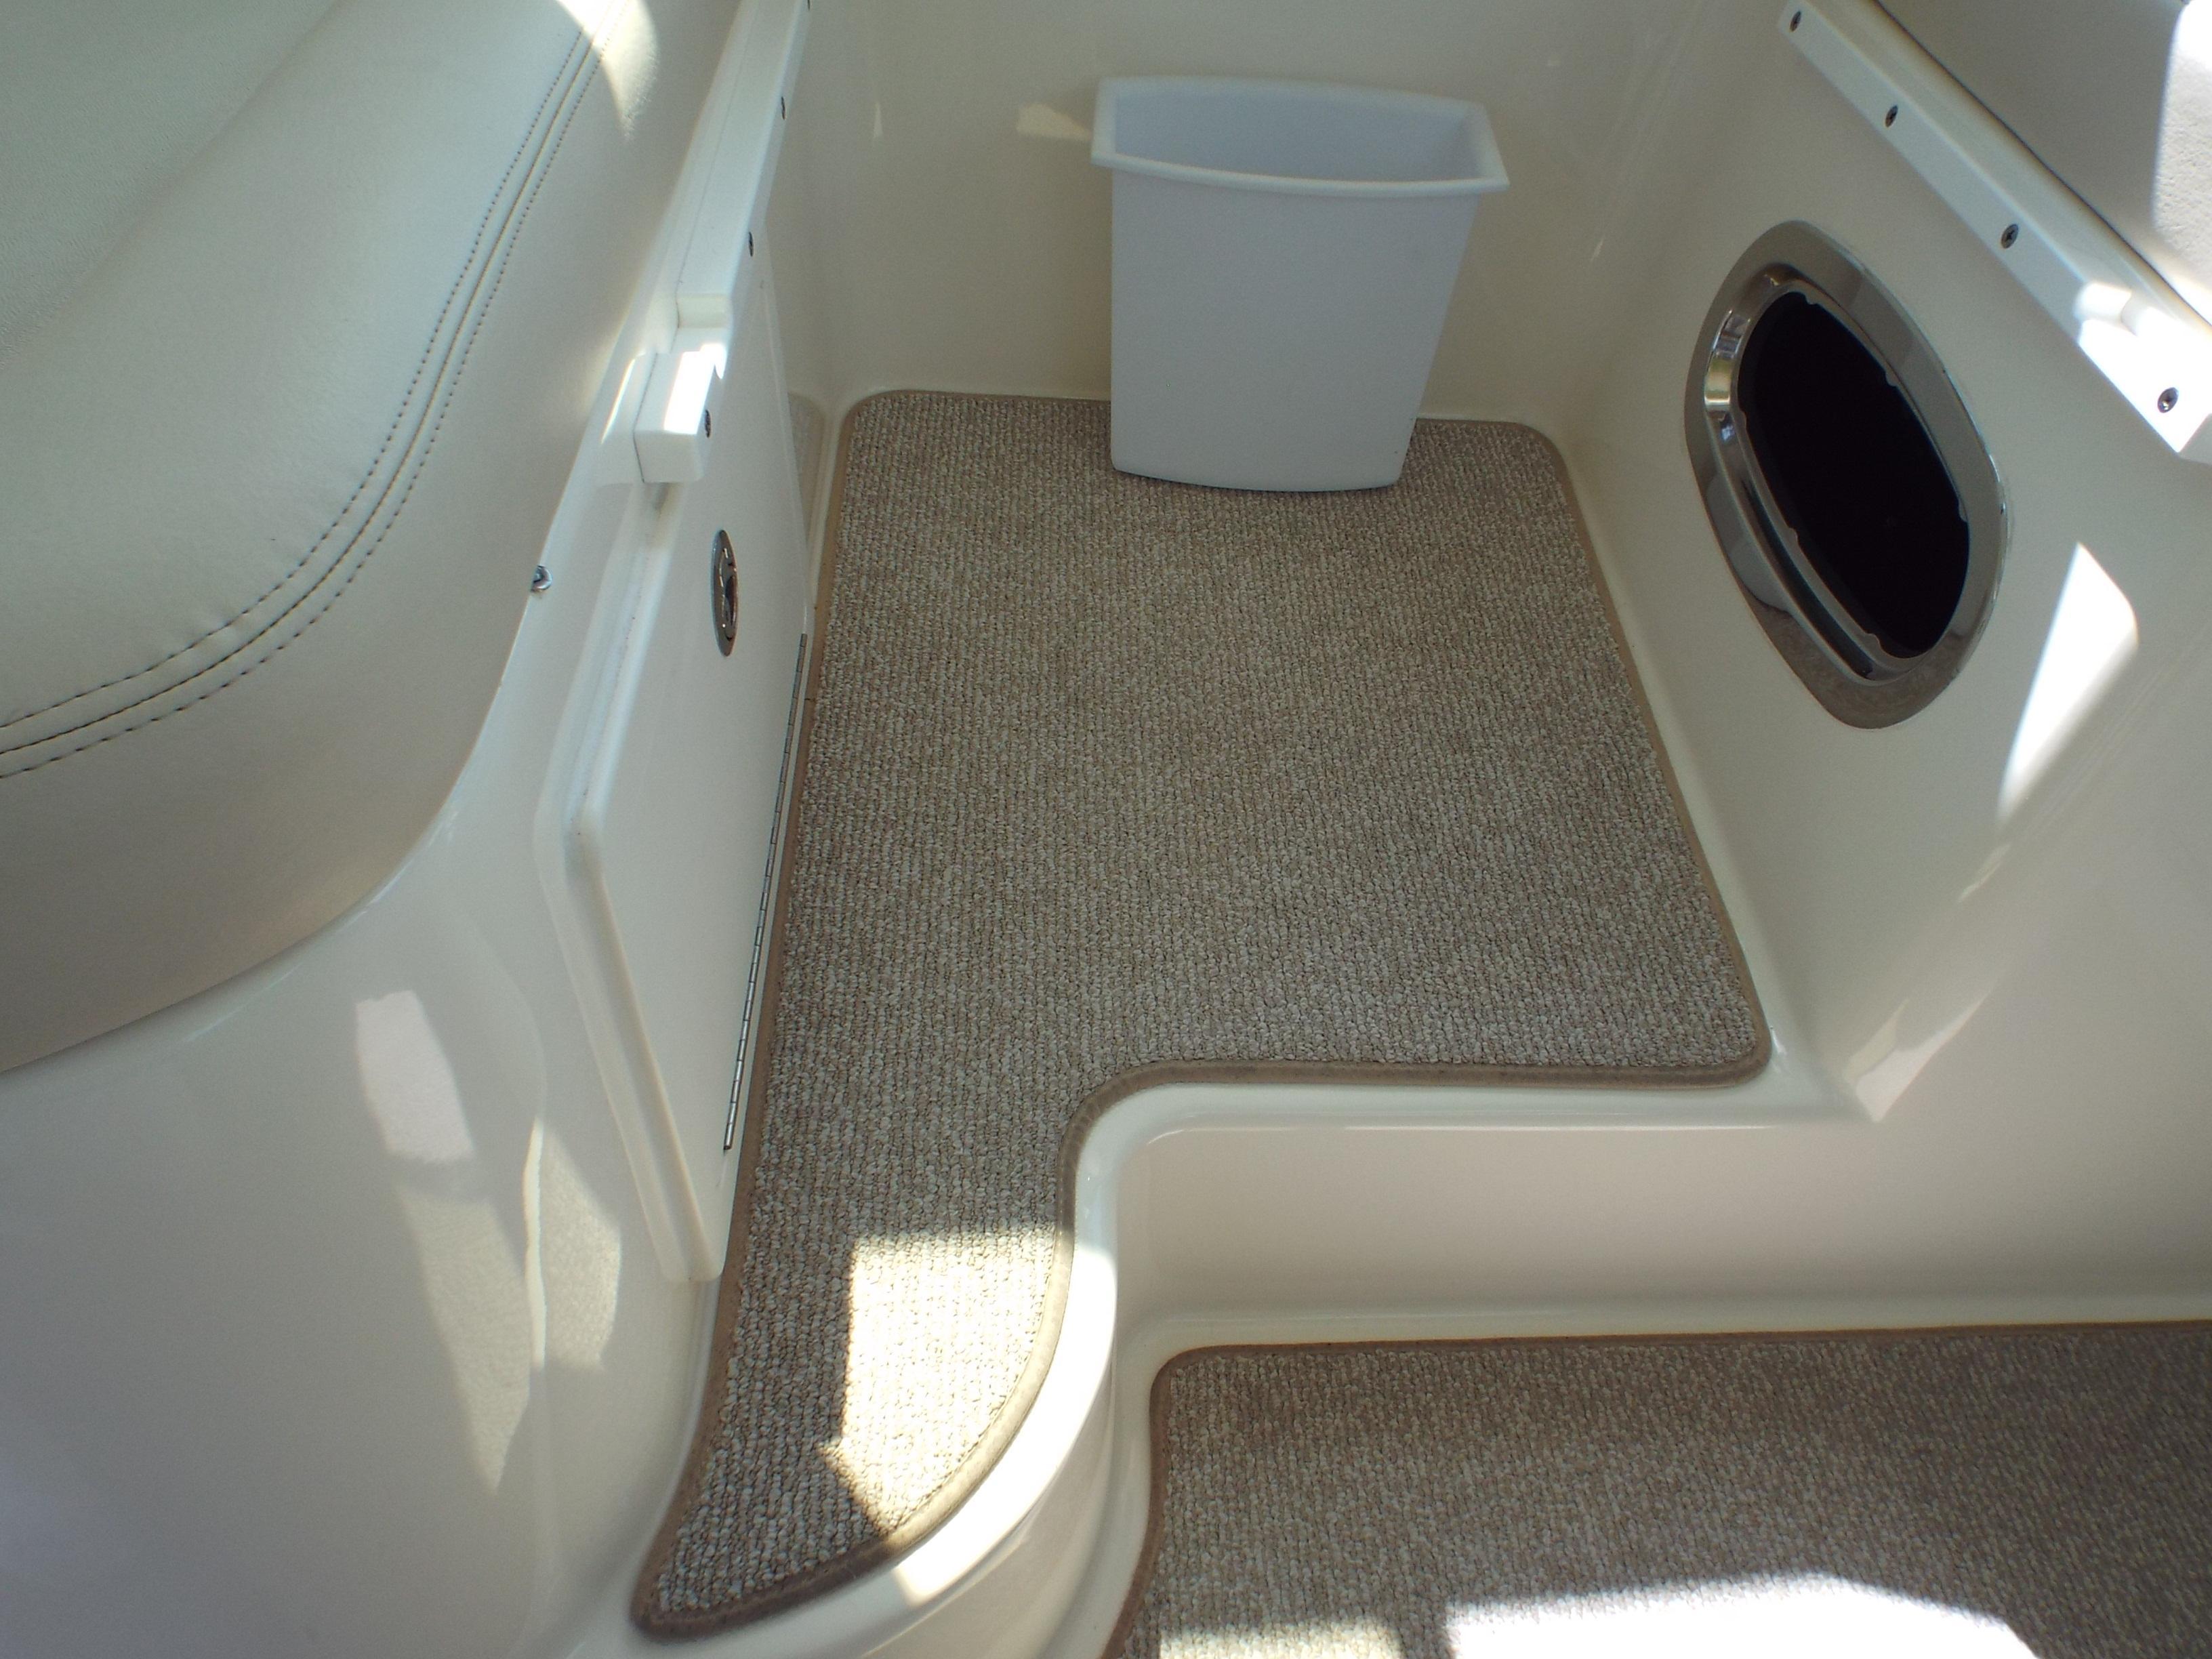 Helm Area Carpet 3